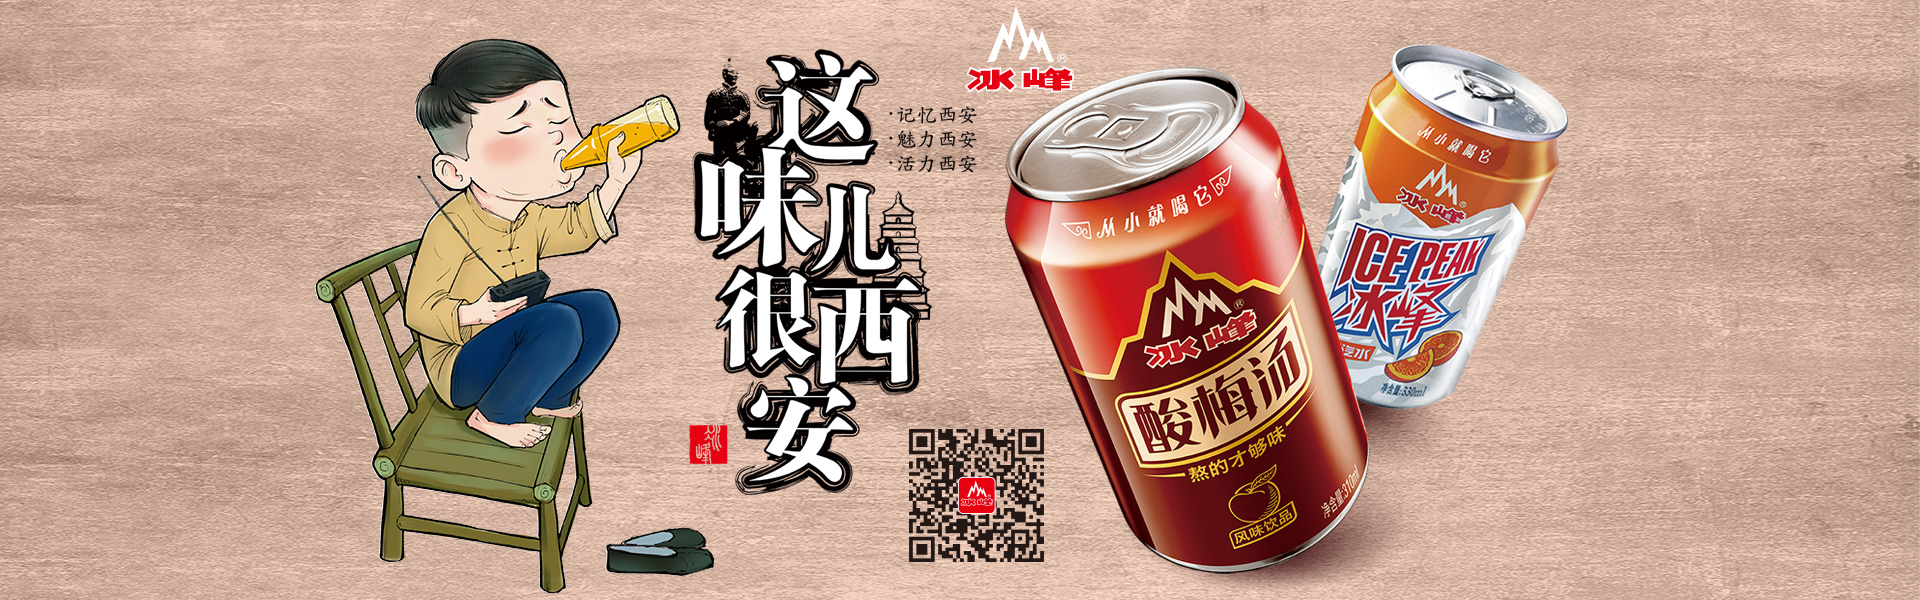 西安冰峰饮料有限责任公司